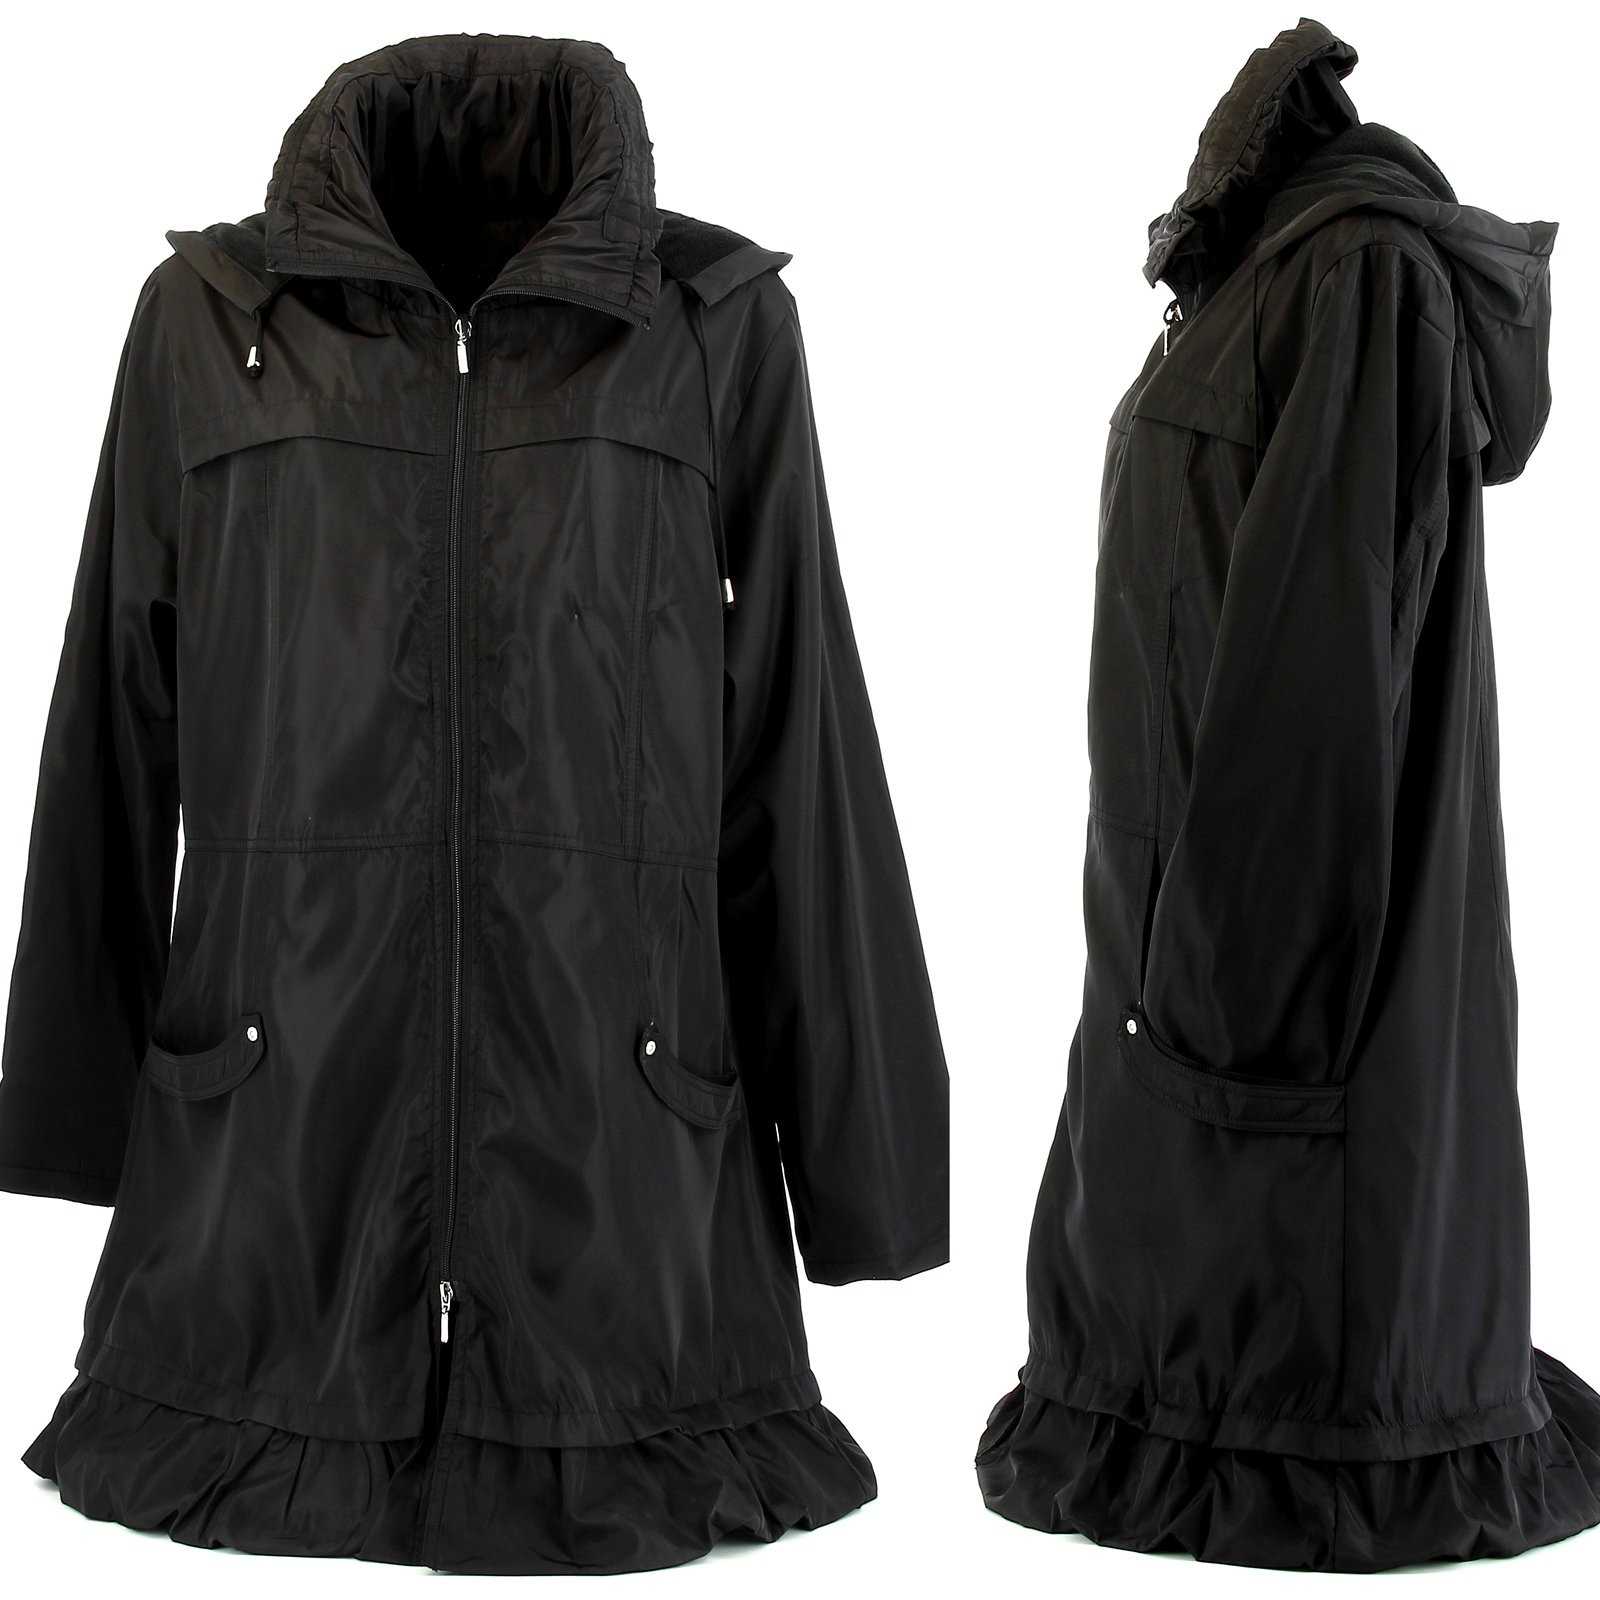 manteau long femme grande taille. Black Bedroom Furniture Sets. Home Design Ideas